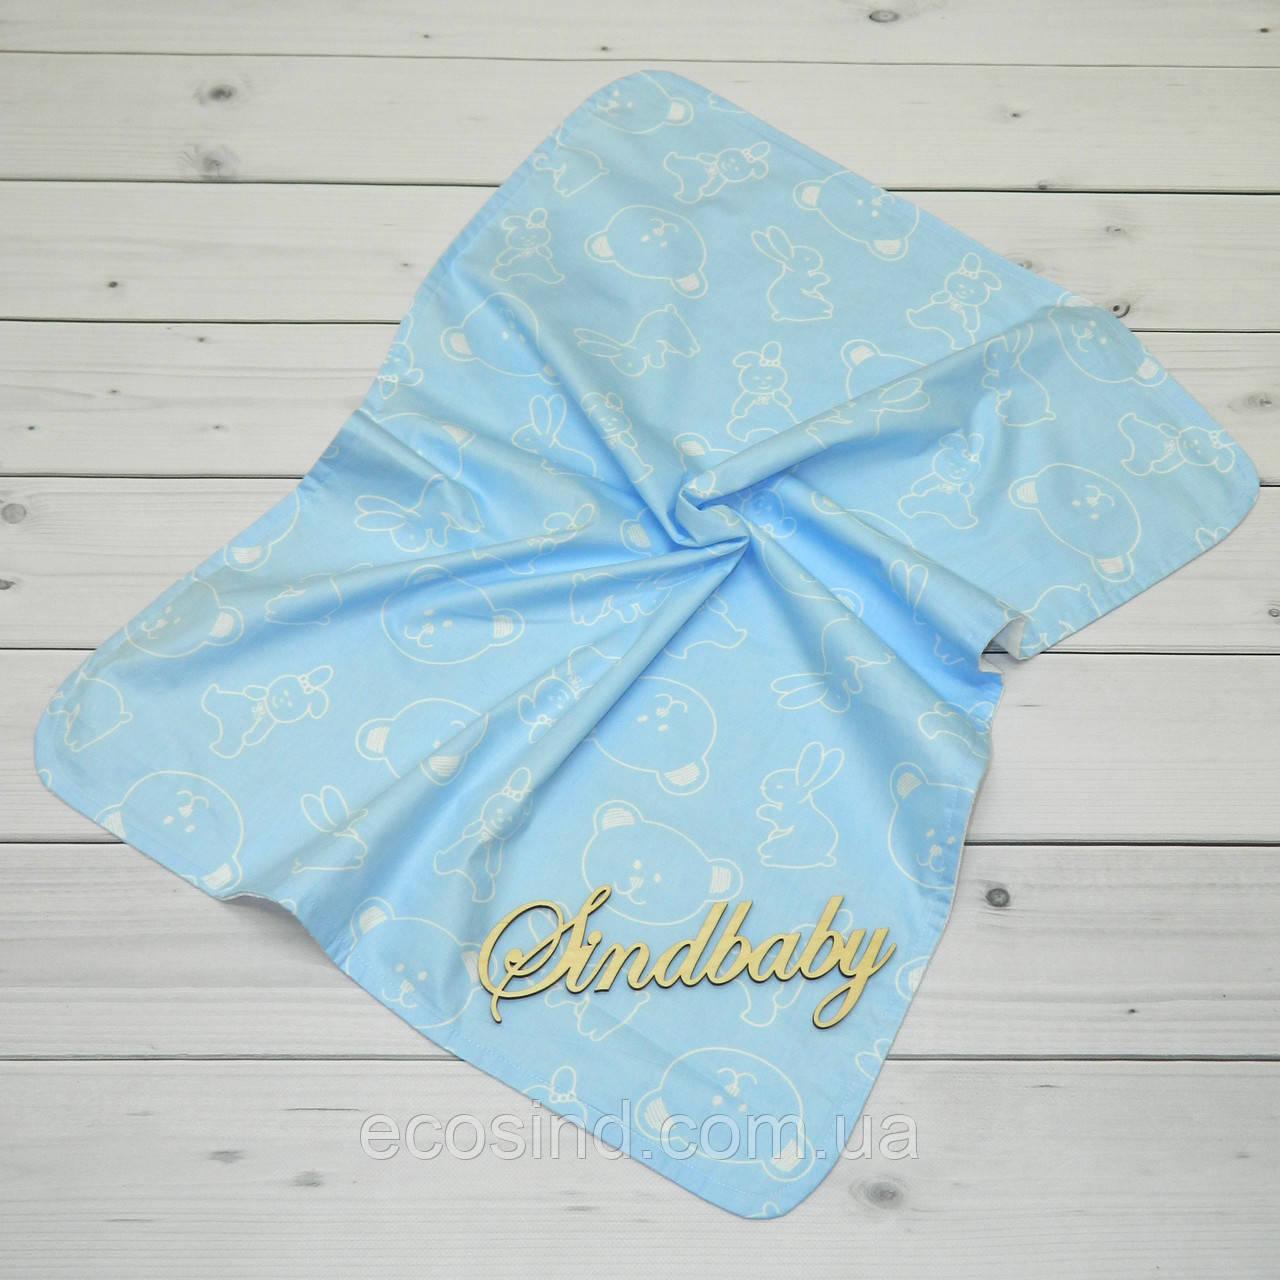 Непромокаемые пеленки для новорожденных -08 - SiND - детский текстиль  Sindbaby в Одессе 4e243e14d43